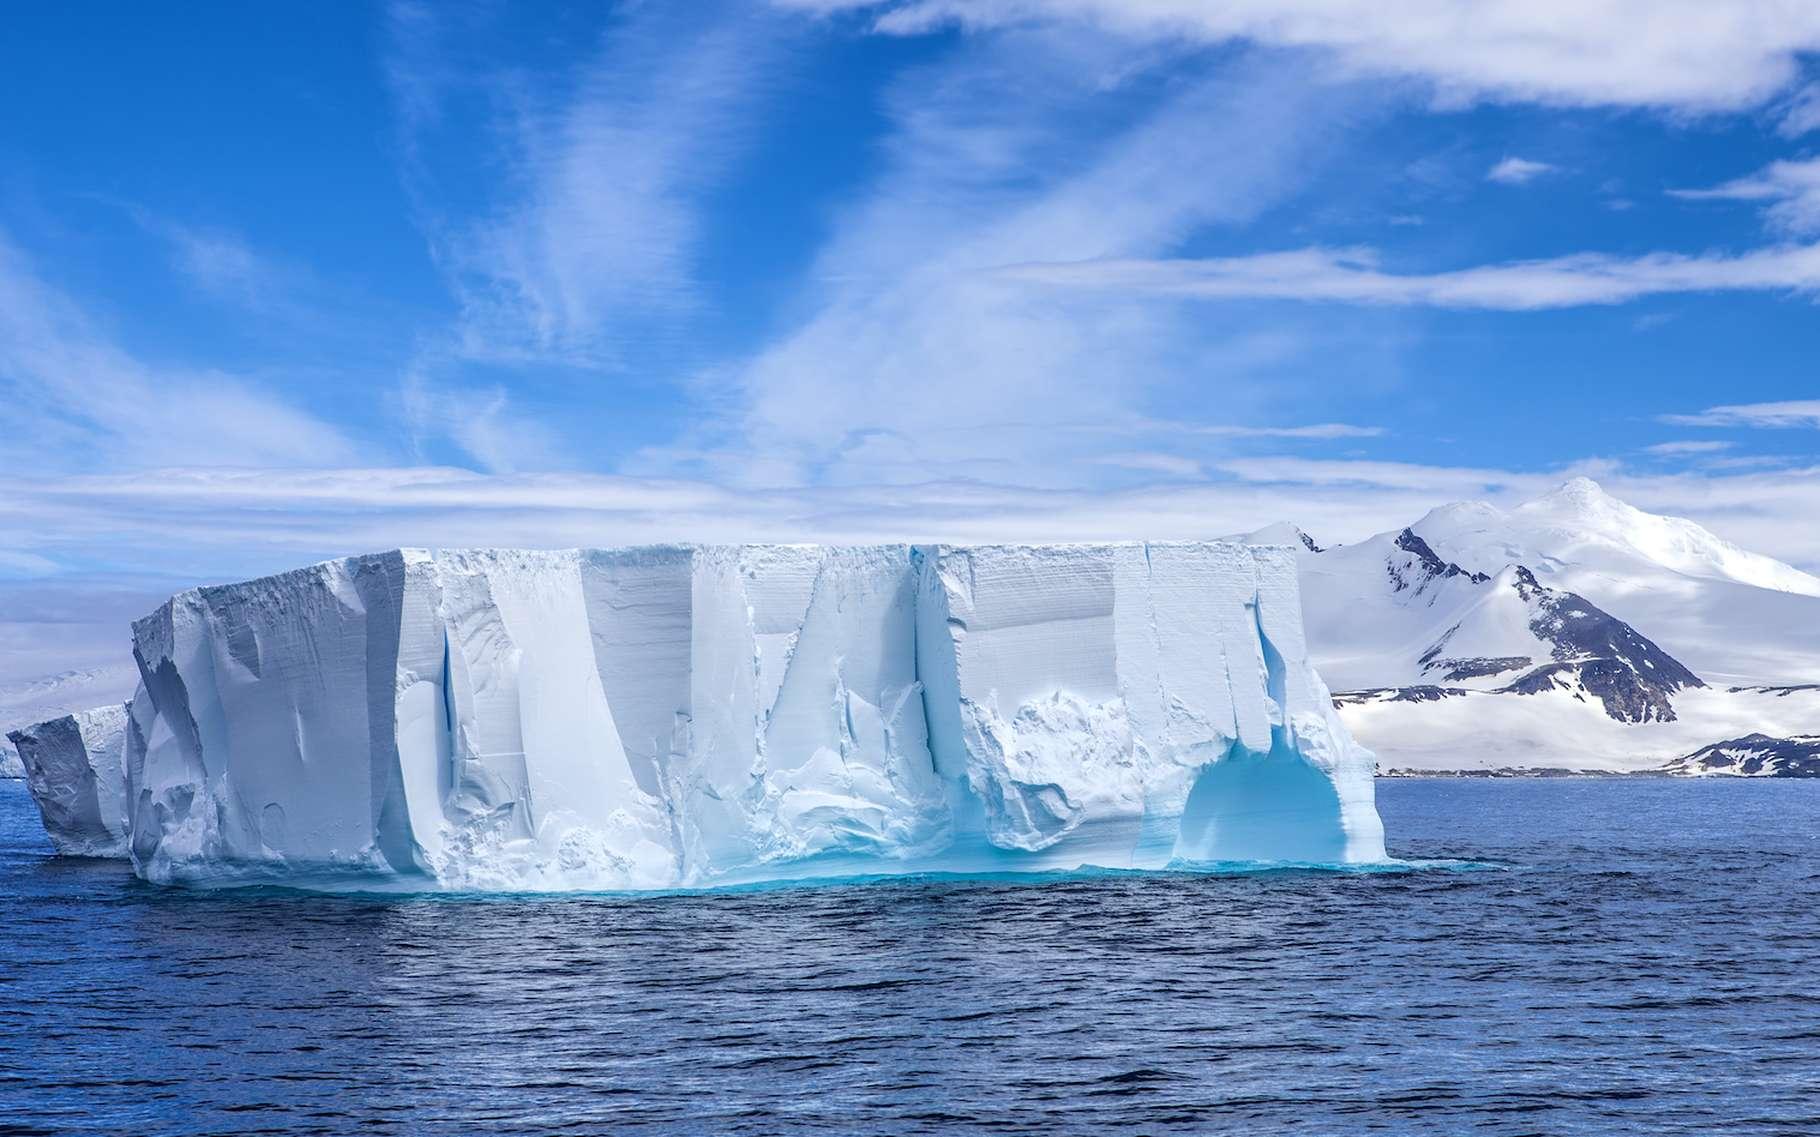 Antarctique : un iceberg géant s'est détaché près d'une base scientifique - Futura